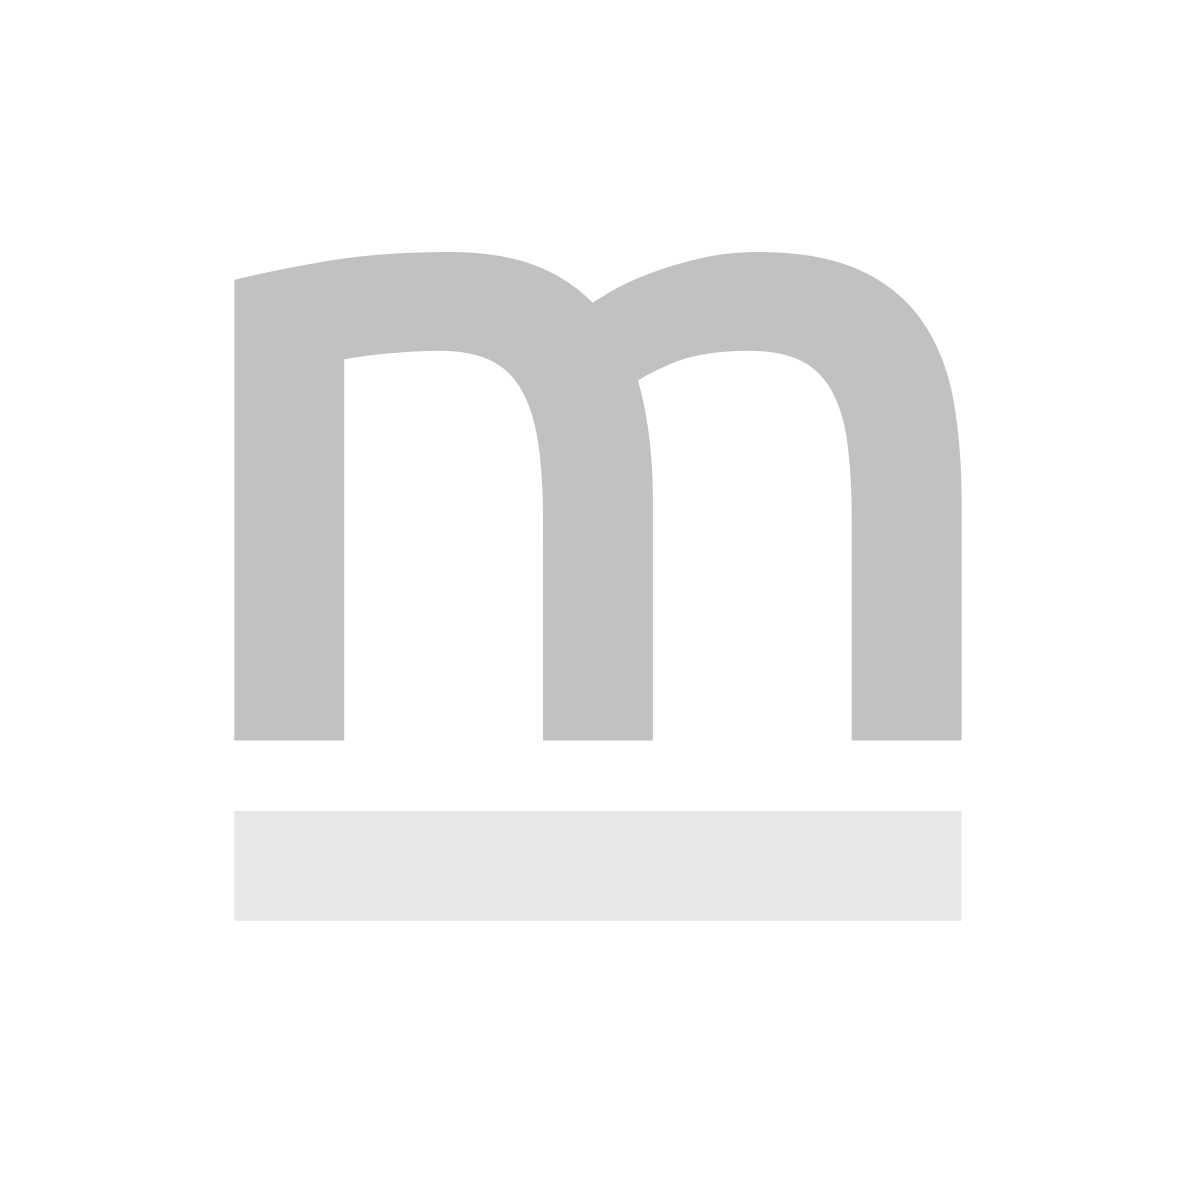 Łóżko kontynentalne MELROSE 180x200 jasno szare velvet z pojemnikiem